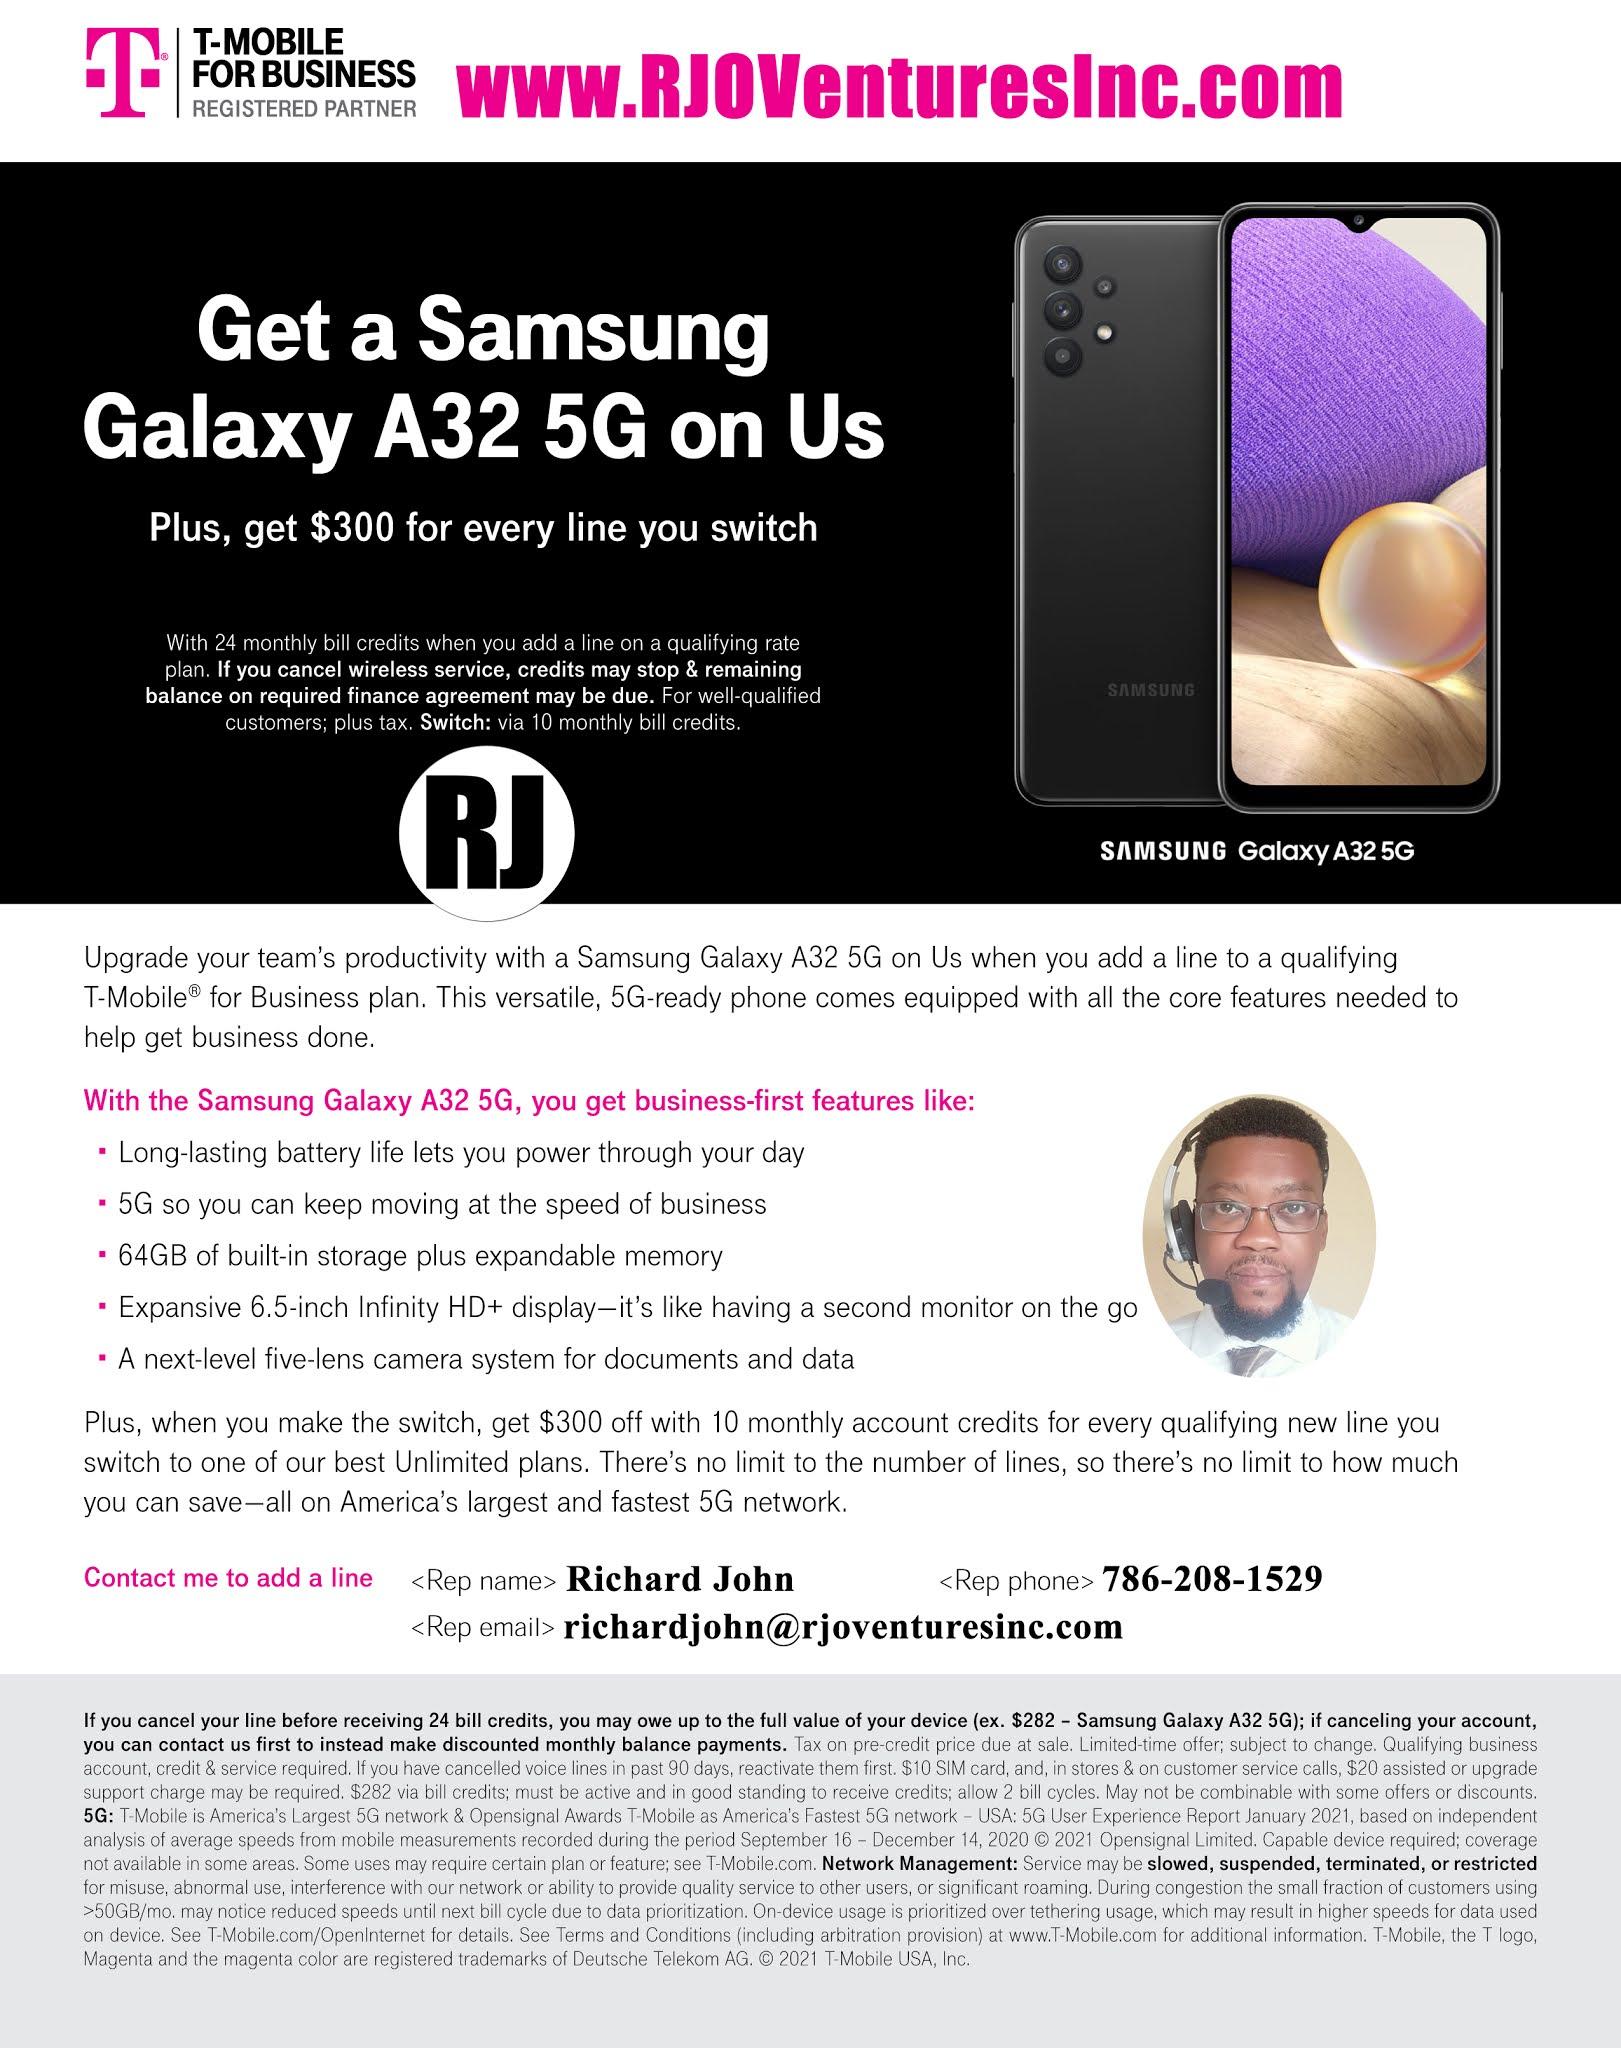 T-Mobile for Business: Get a Samsung Galaxy A32 5G [RJOVenturesInc.com]